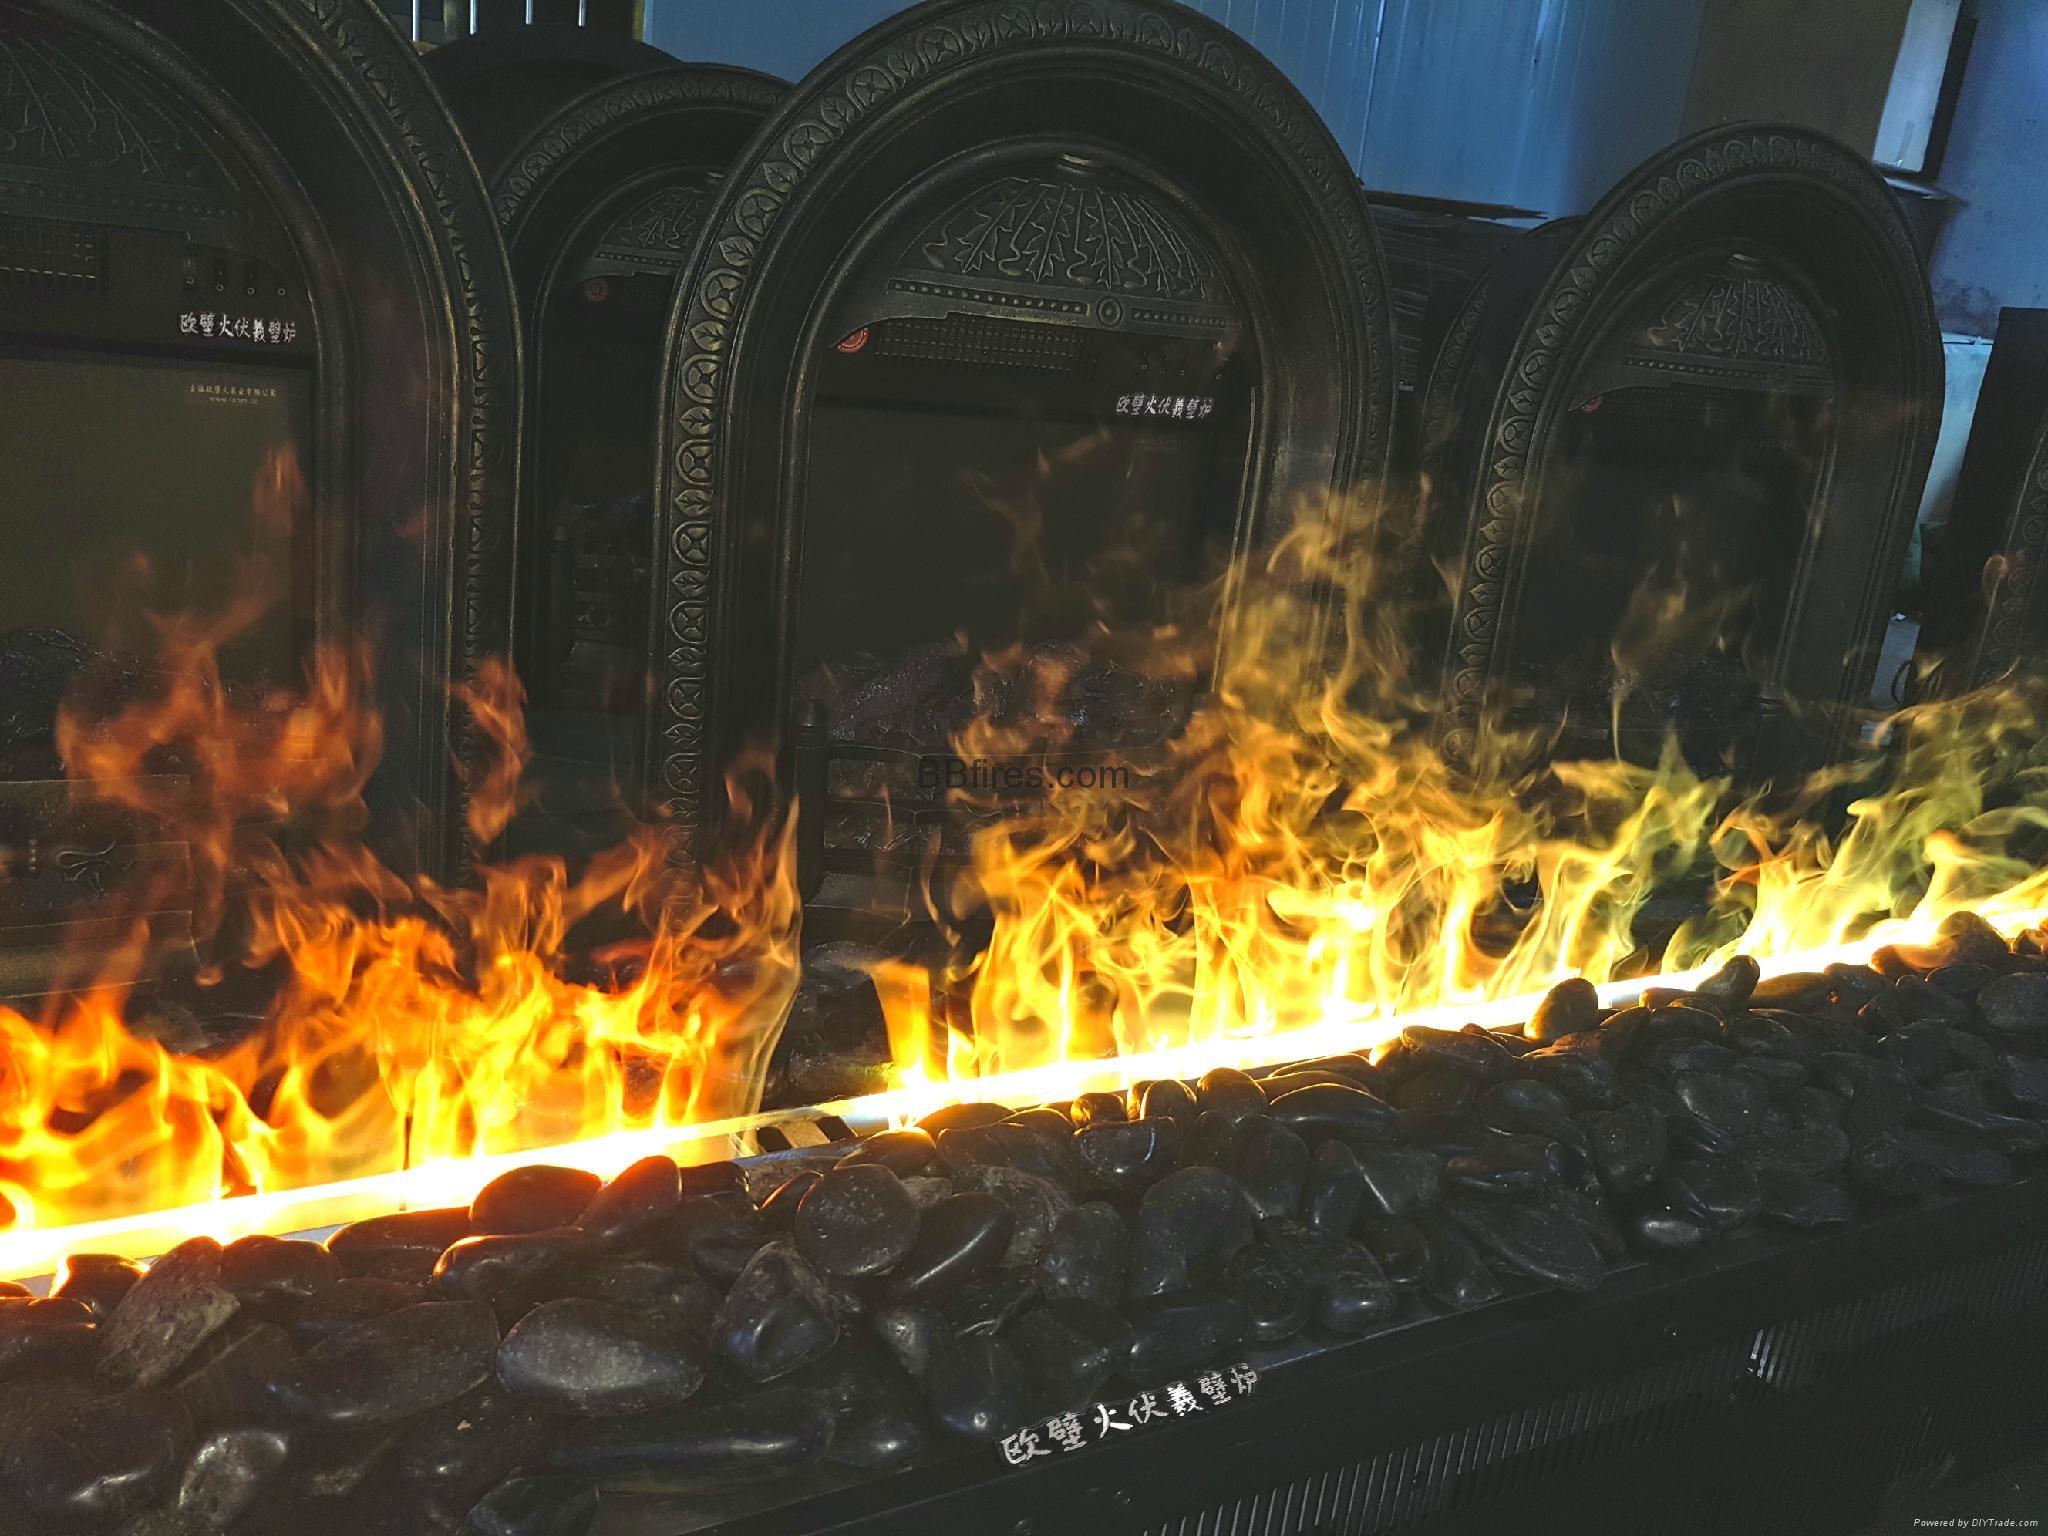 Luzern Boulevard, Kwu Tung 3054mm 3D fireplace 17